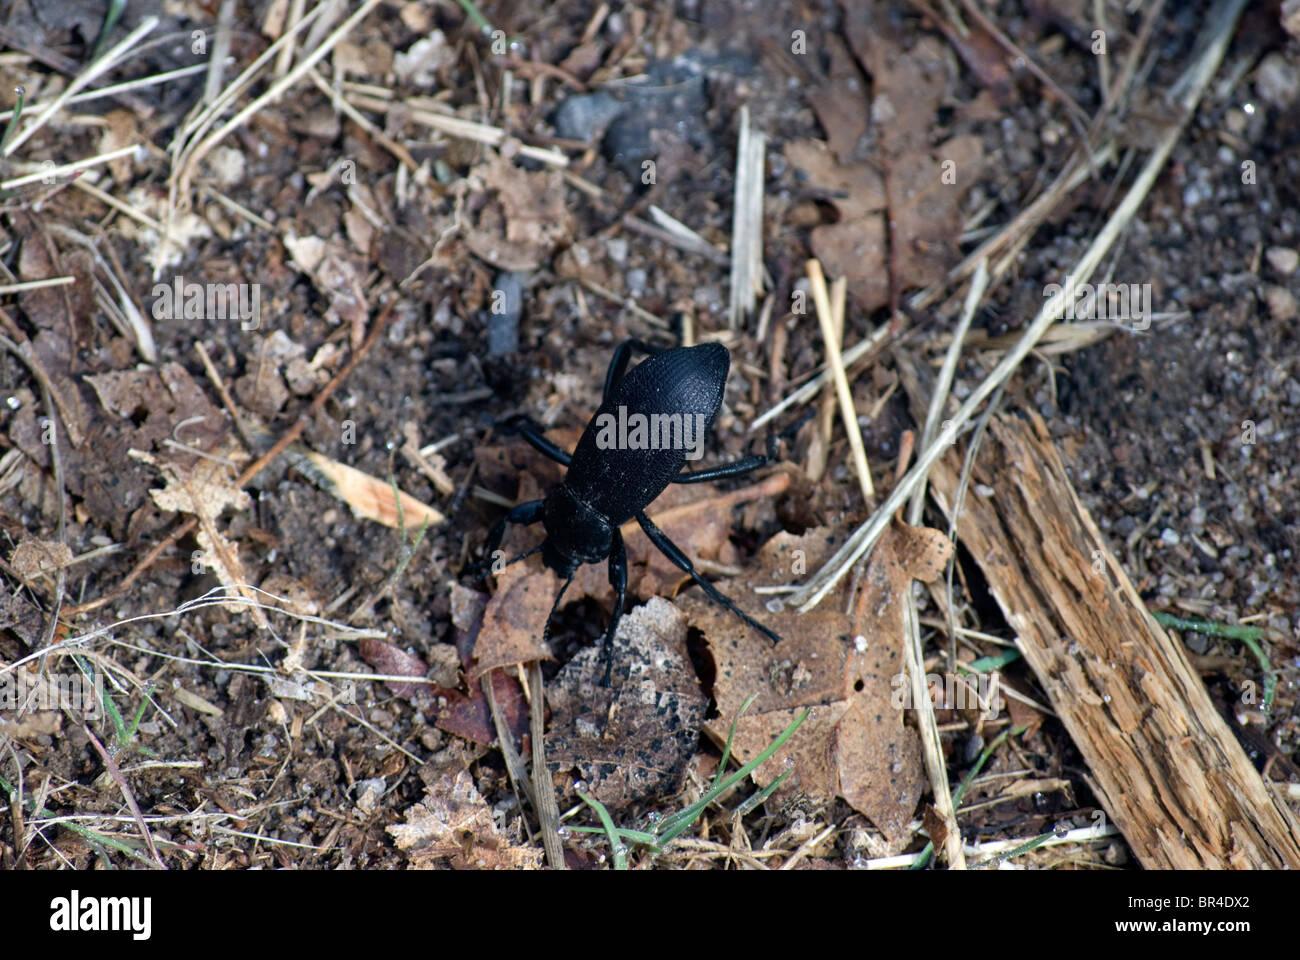 Ein stinken Käfer, bekannt als ein Pincate Käfer, (Eleodes Obscurus) mit angehoben Bauch in Reaktion auf Stockbild